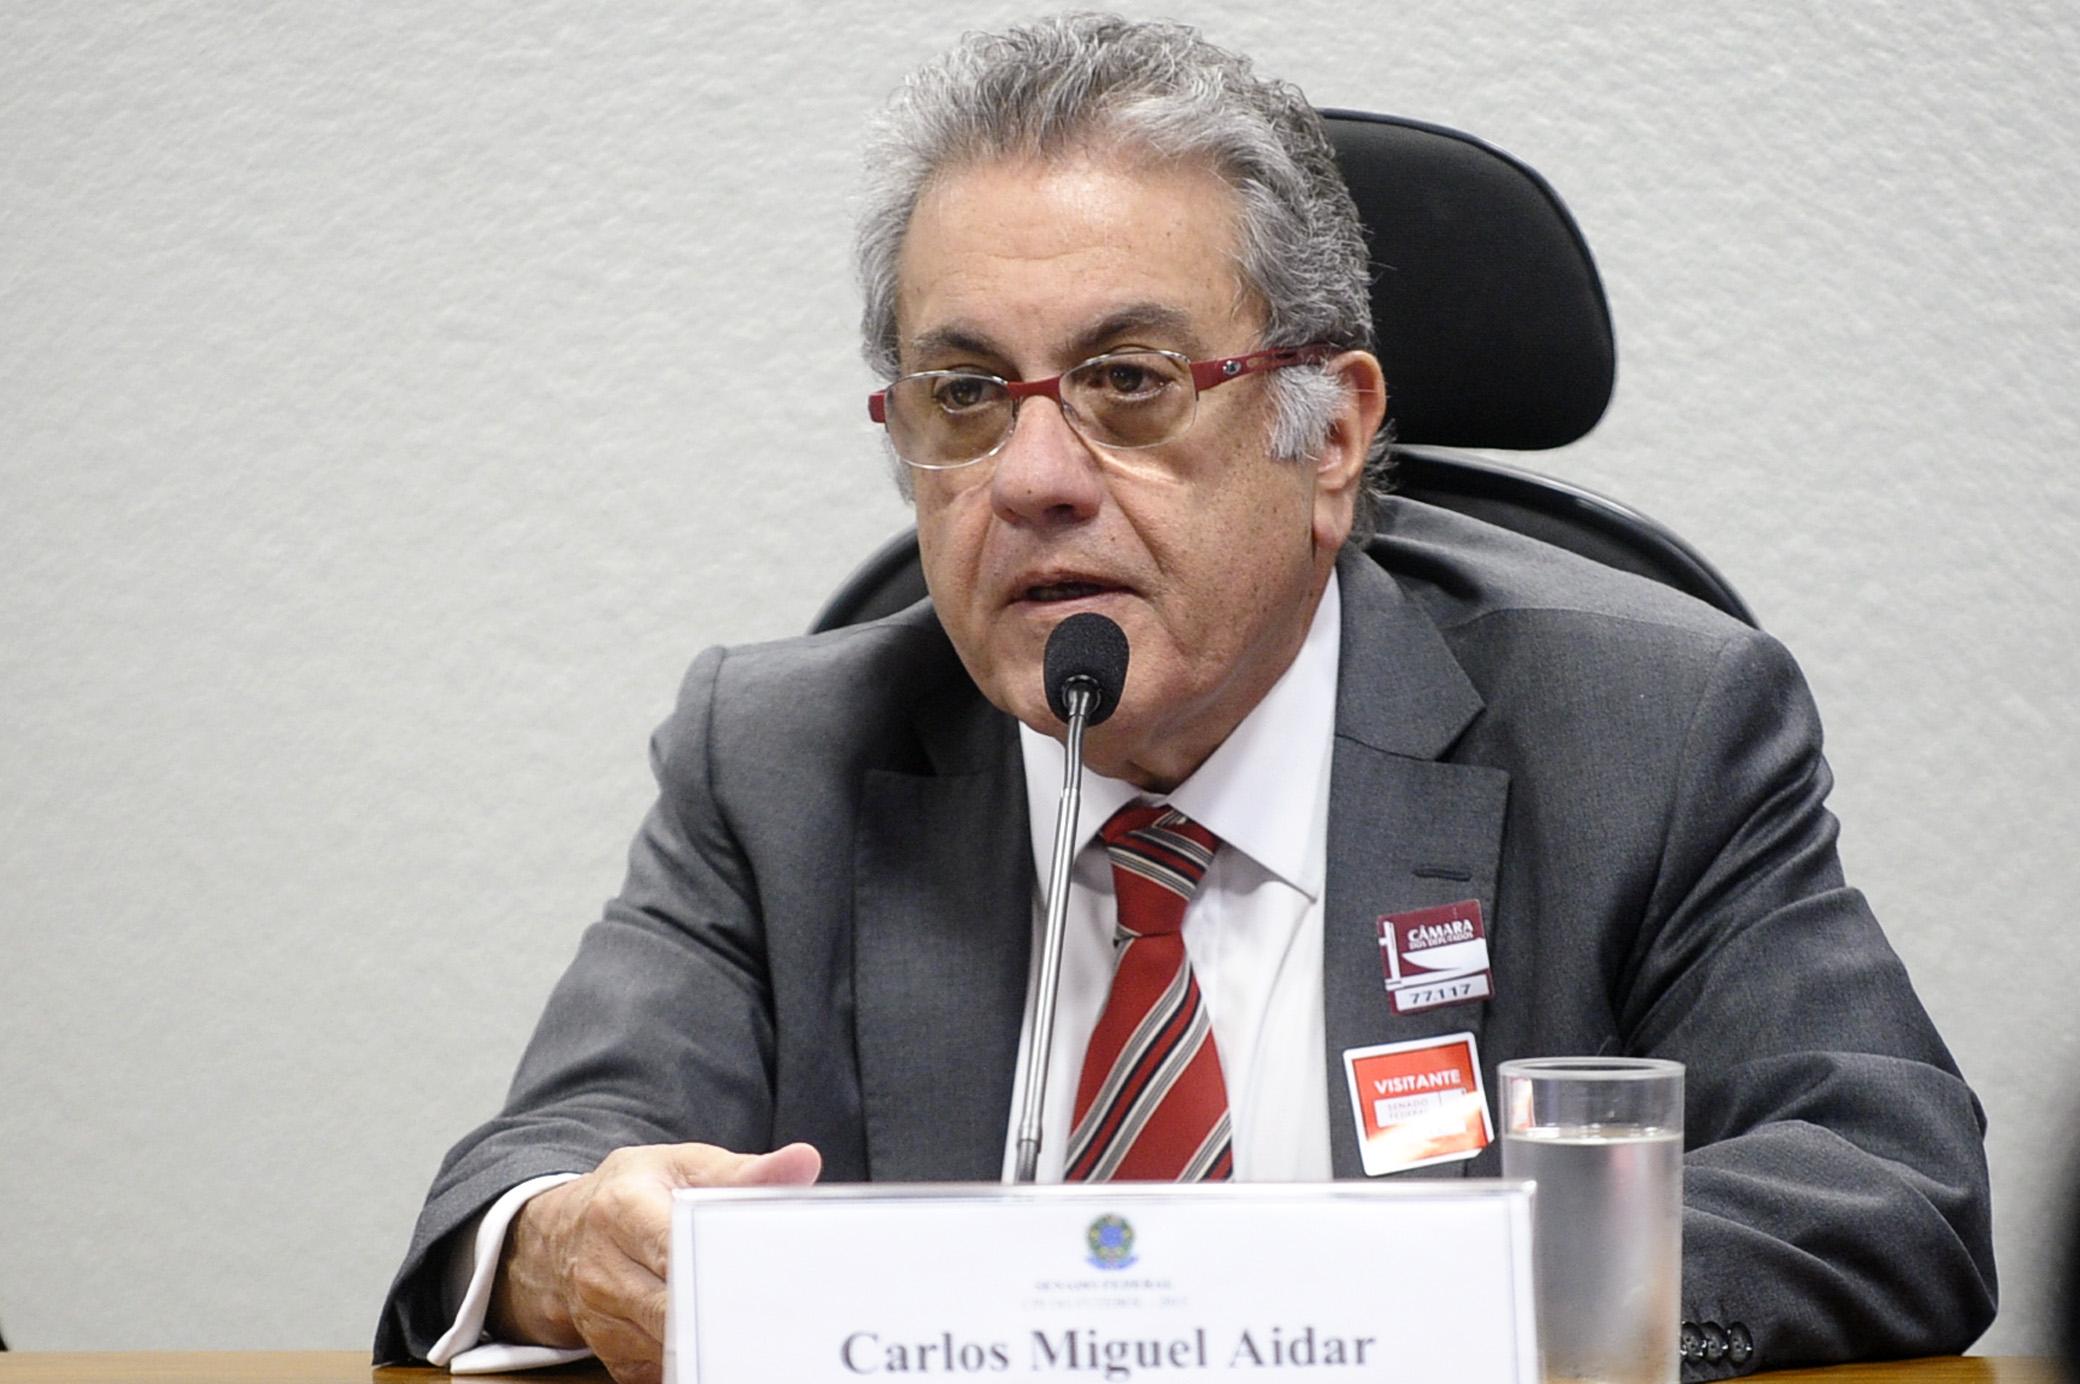 Veja o que saiu no Migalhas sobre Carlos Miguel Aidar